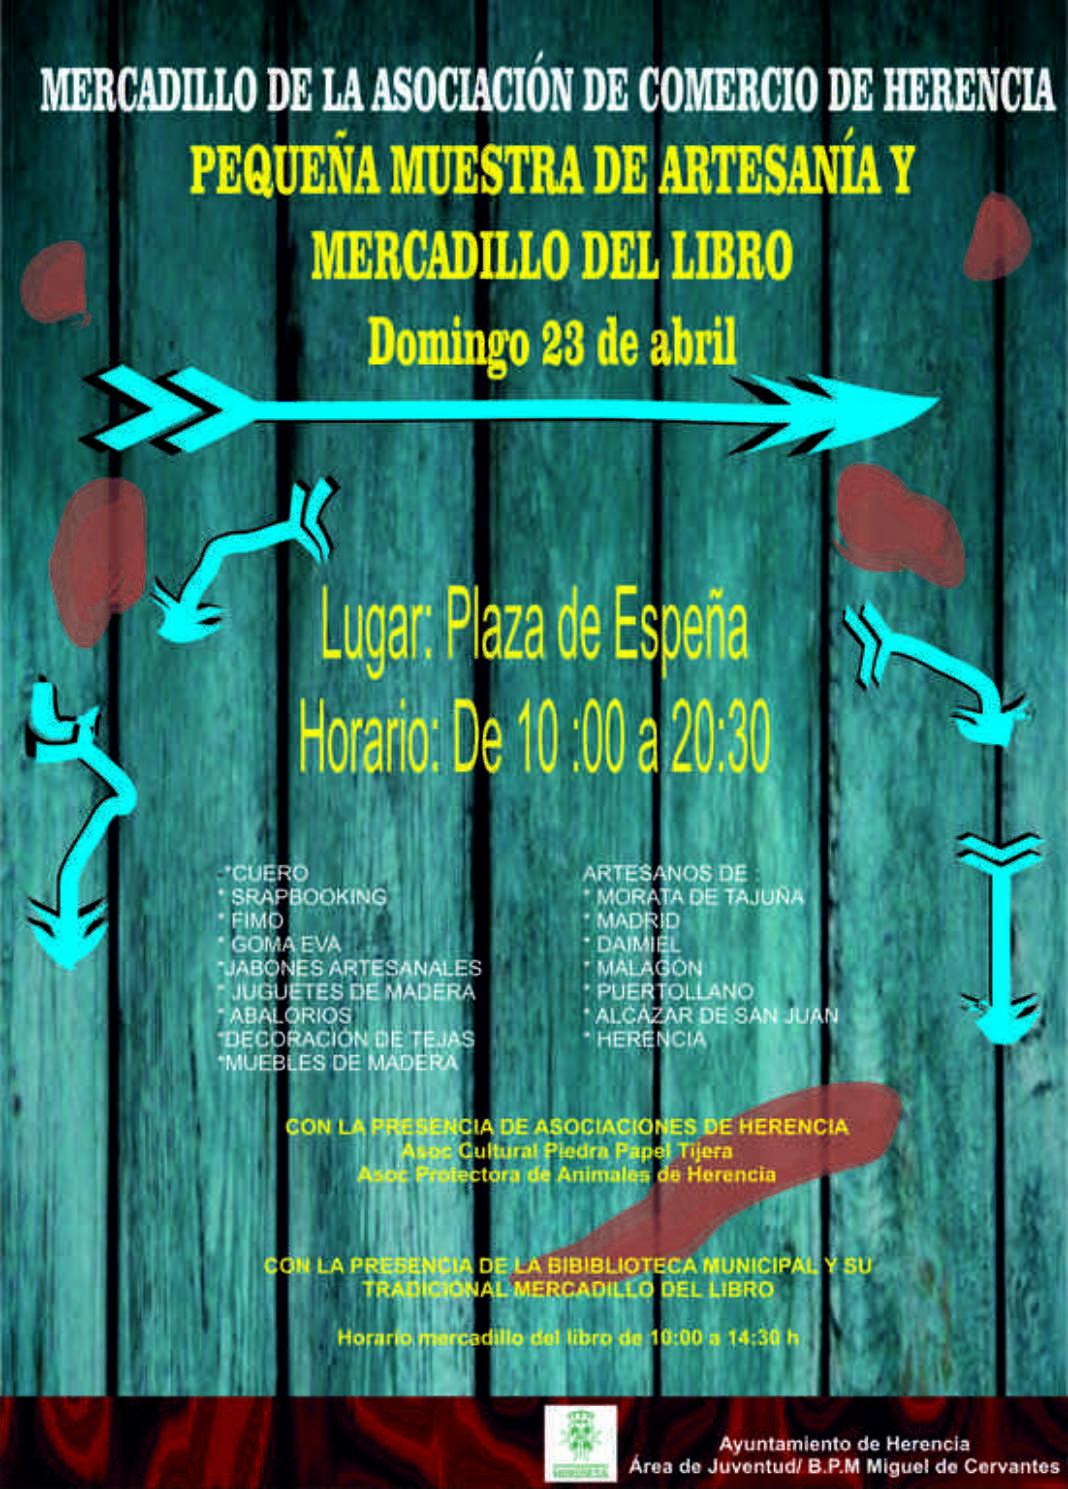 Cartel rastrillo de primavera 1068x1489 - Artesanía y libros junto al Mercadillo del Comercio